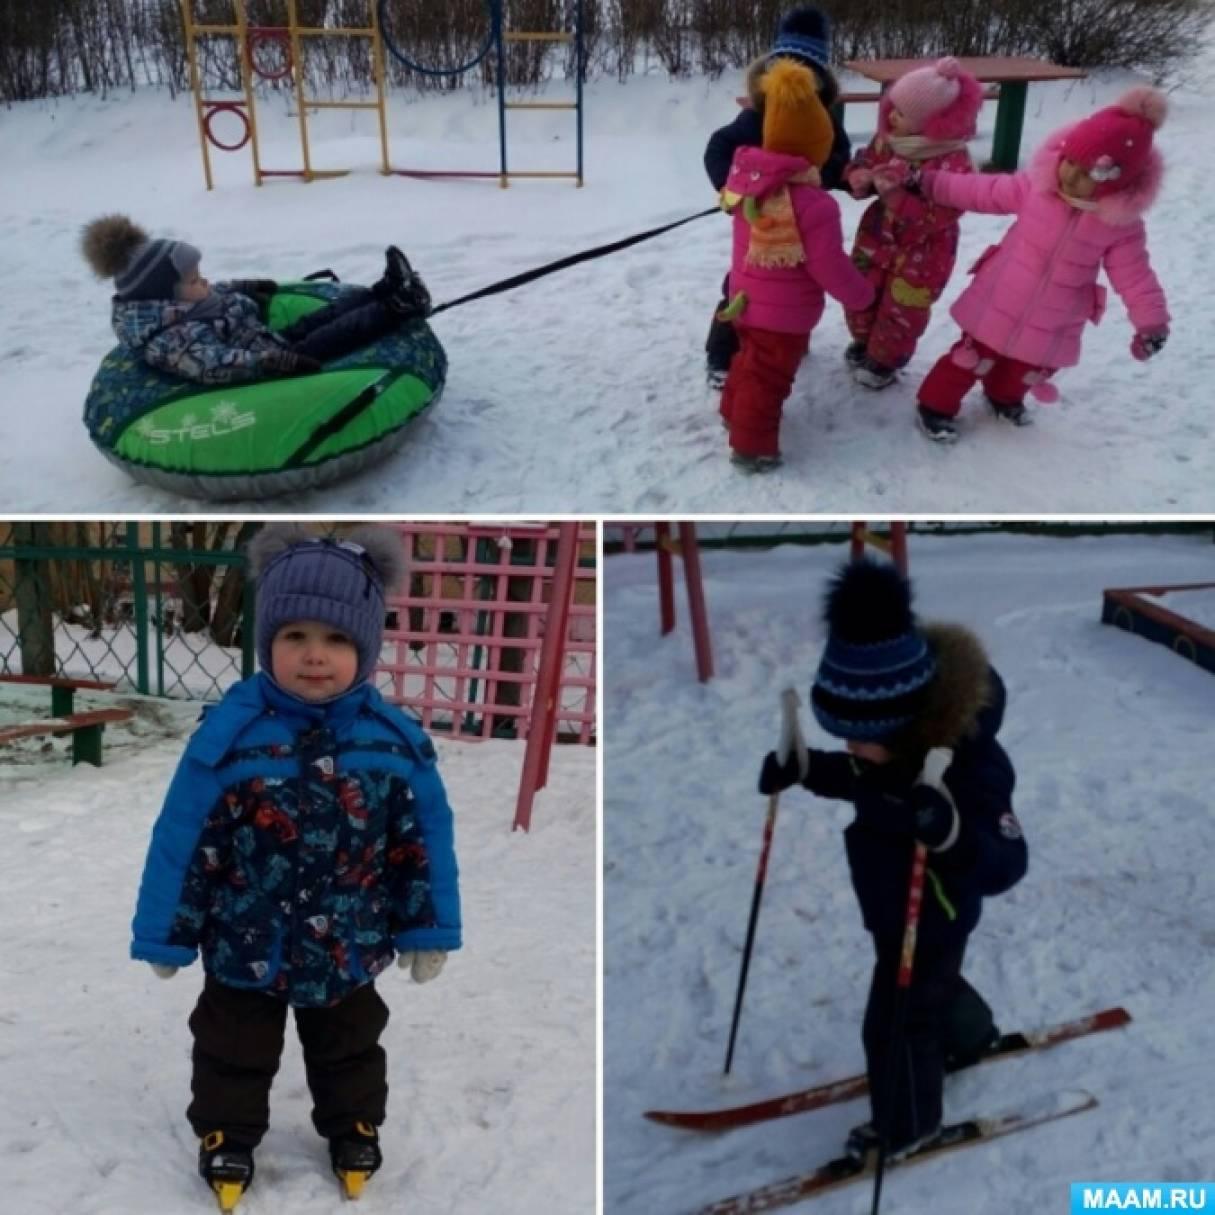 Фотоотчет «Зимние развлечения и забавы!»